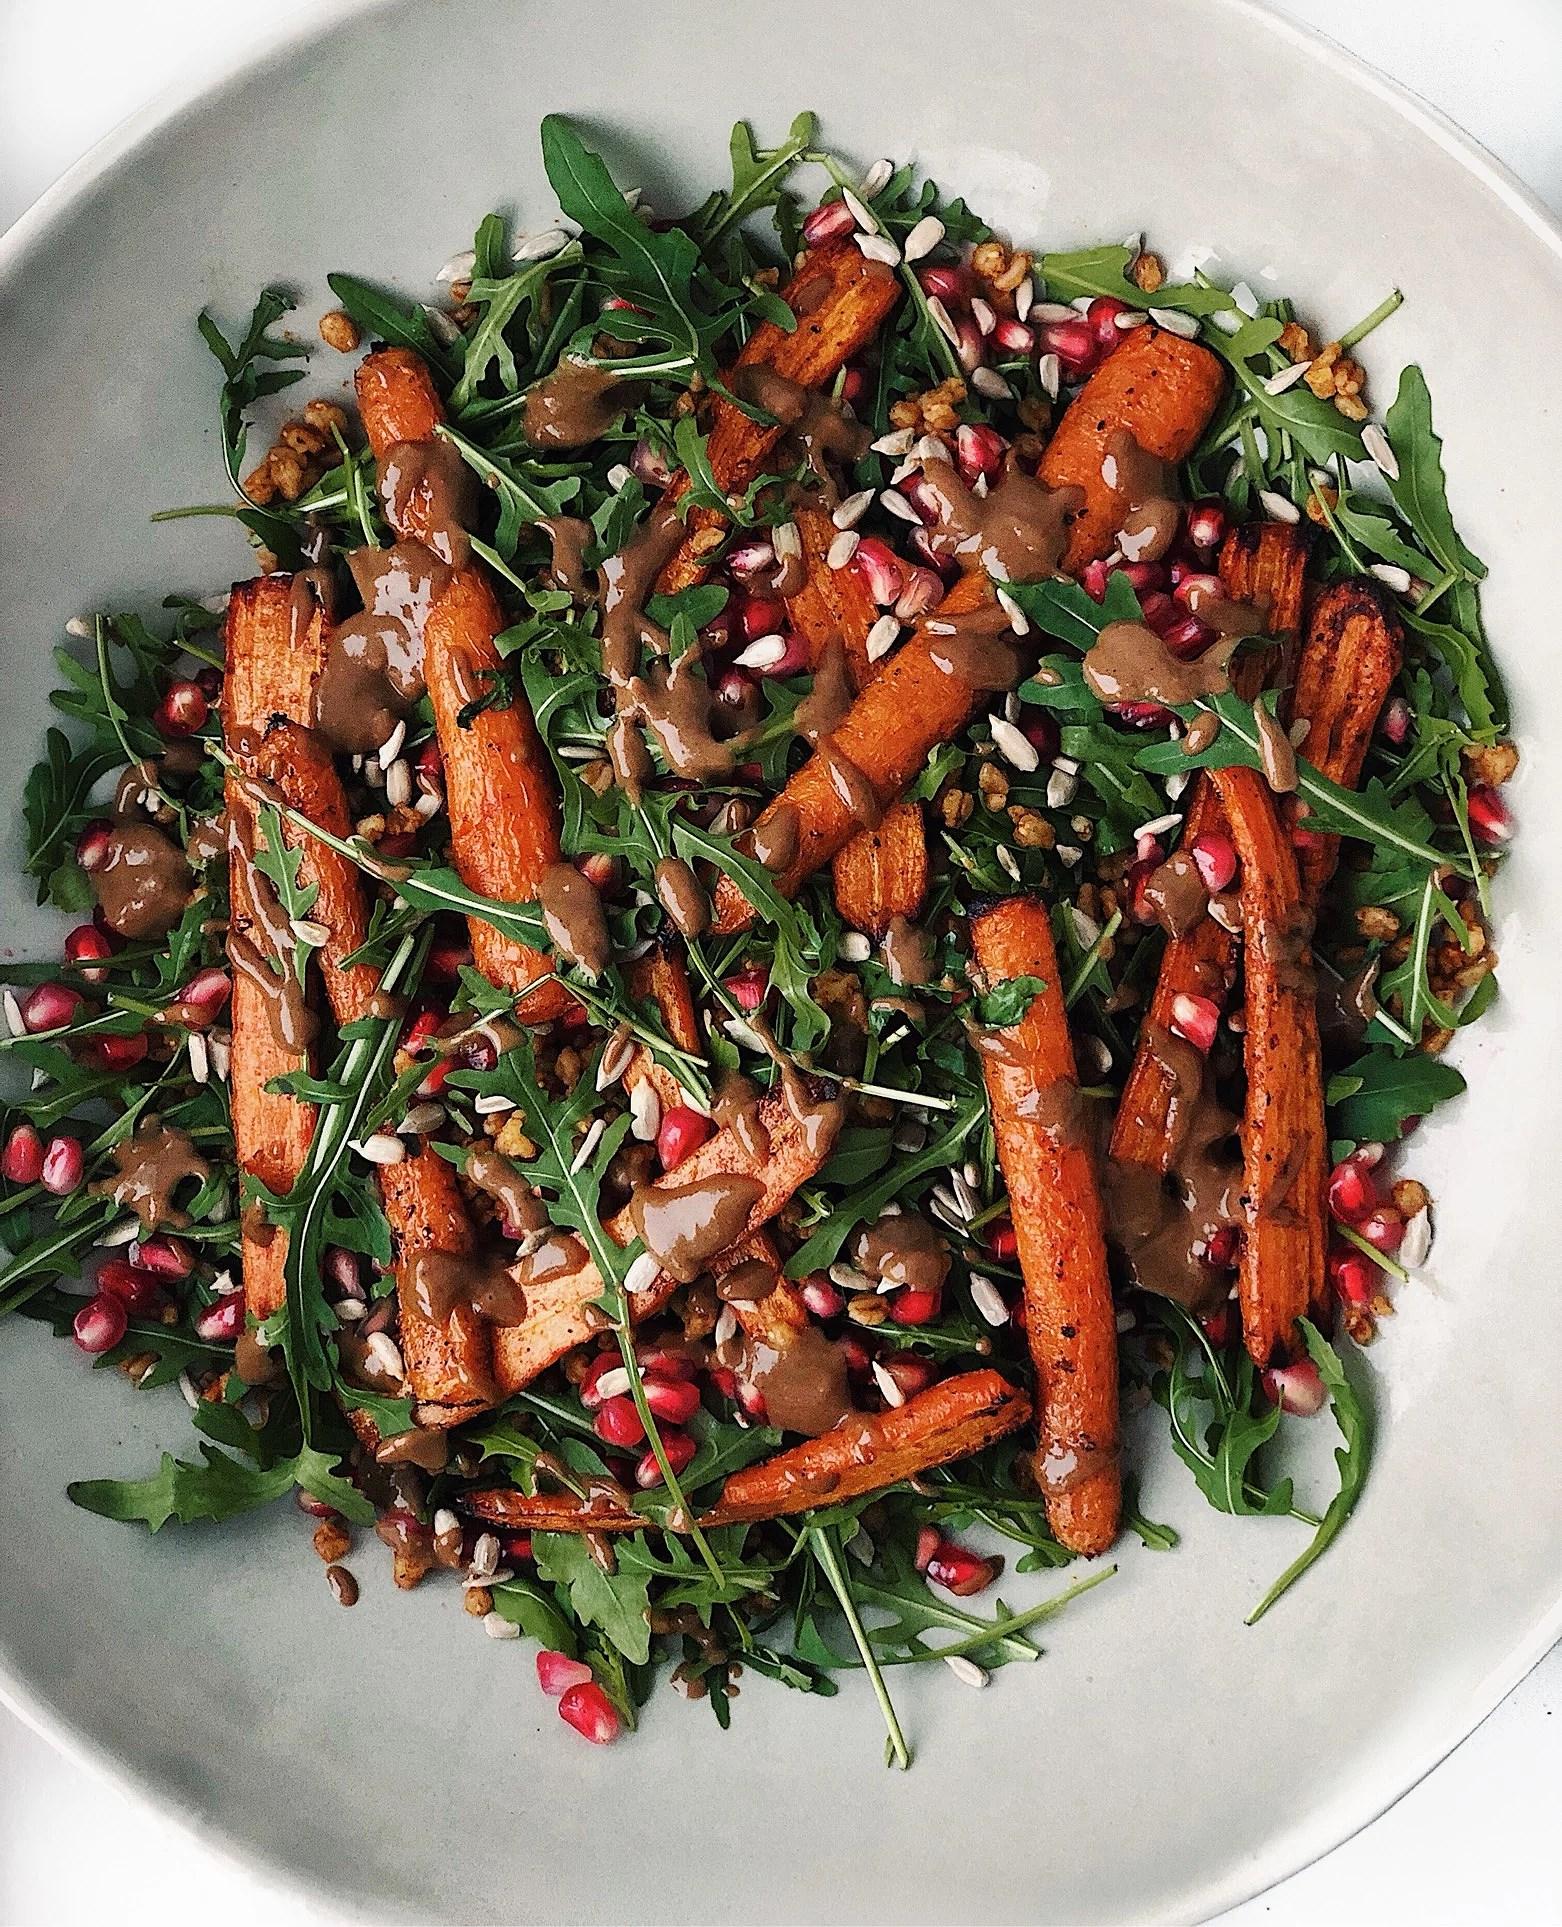 Het morots och matvetesallad med tahinivinägrett